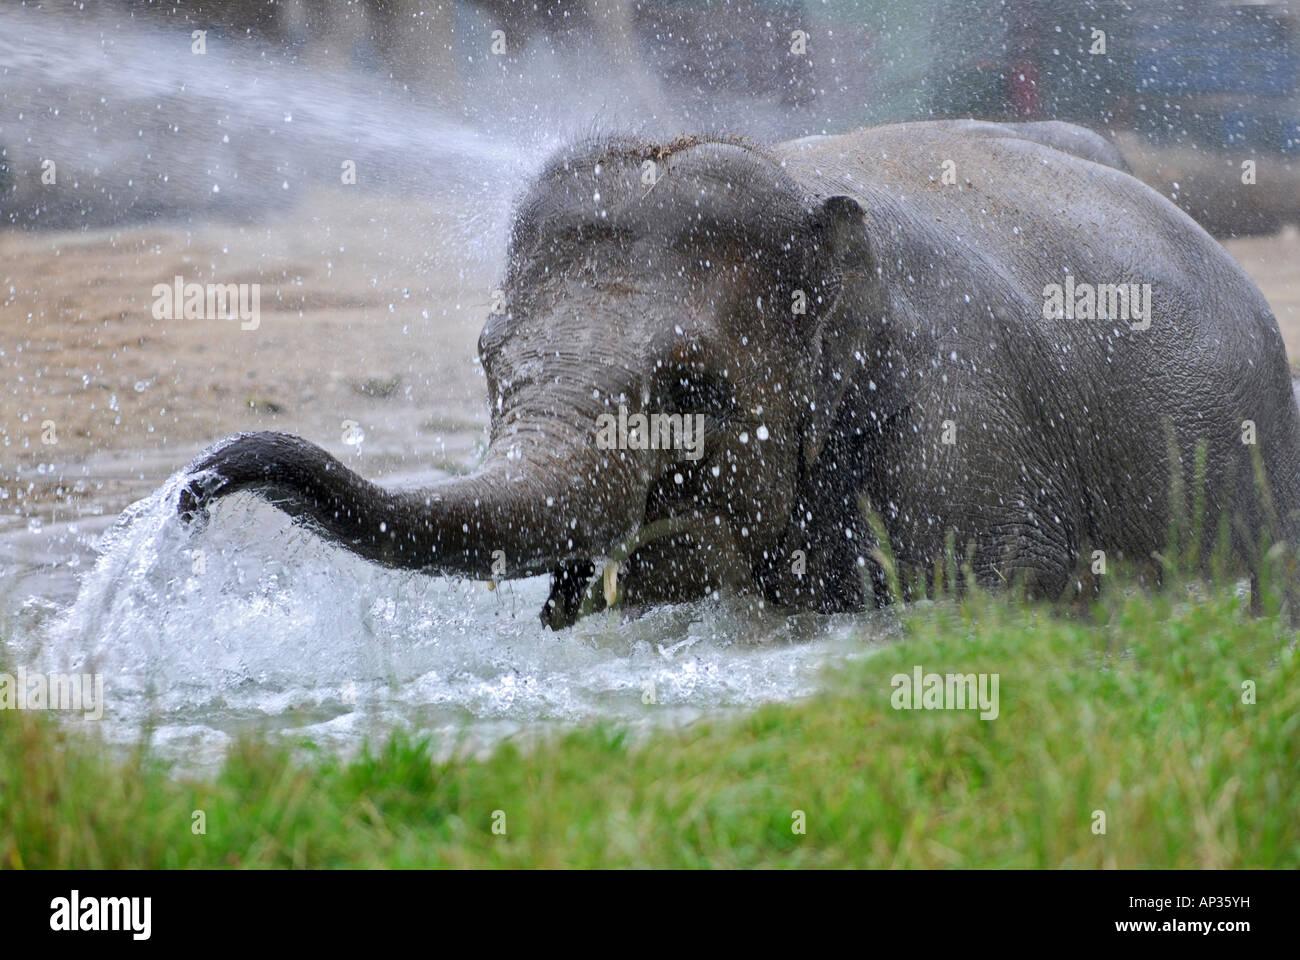 Las aguas de baño de elefantes en el zoológico de Múnich, el Tierpark Hellabrunn, Baviera, Alemania Imagen De Stock